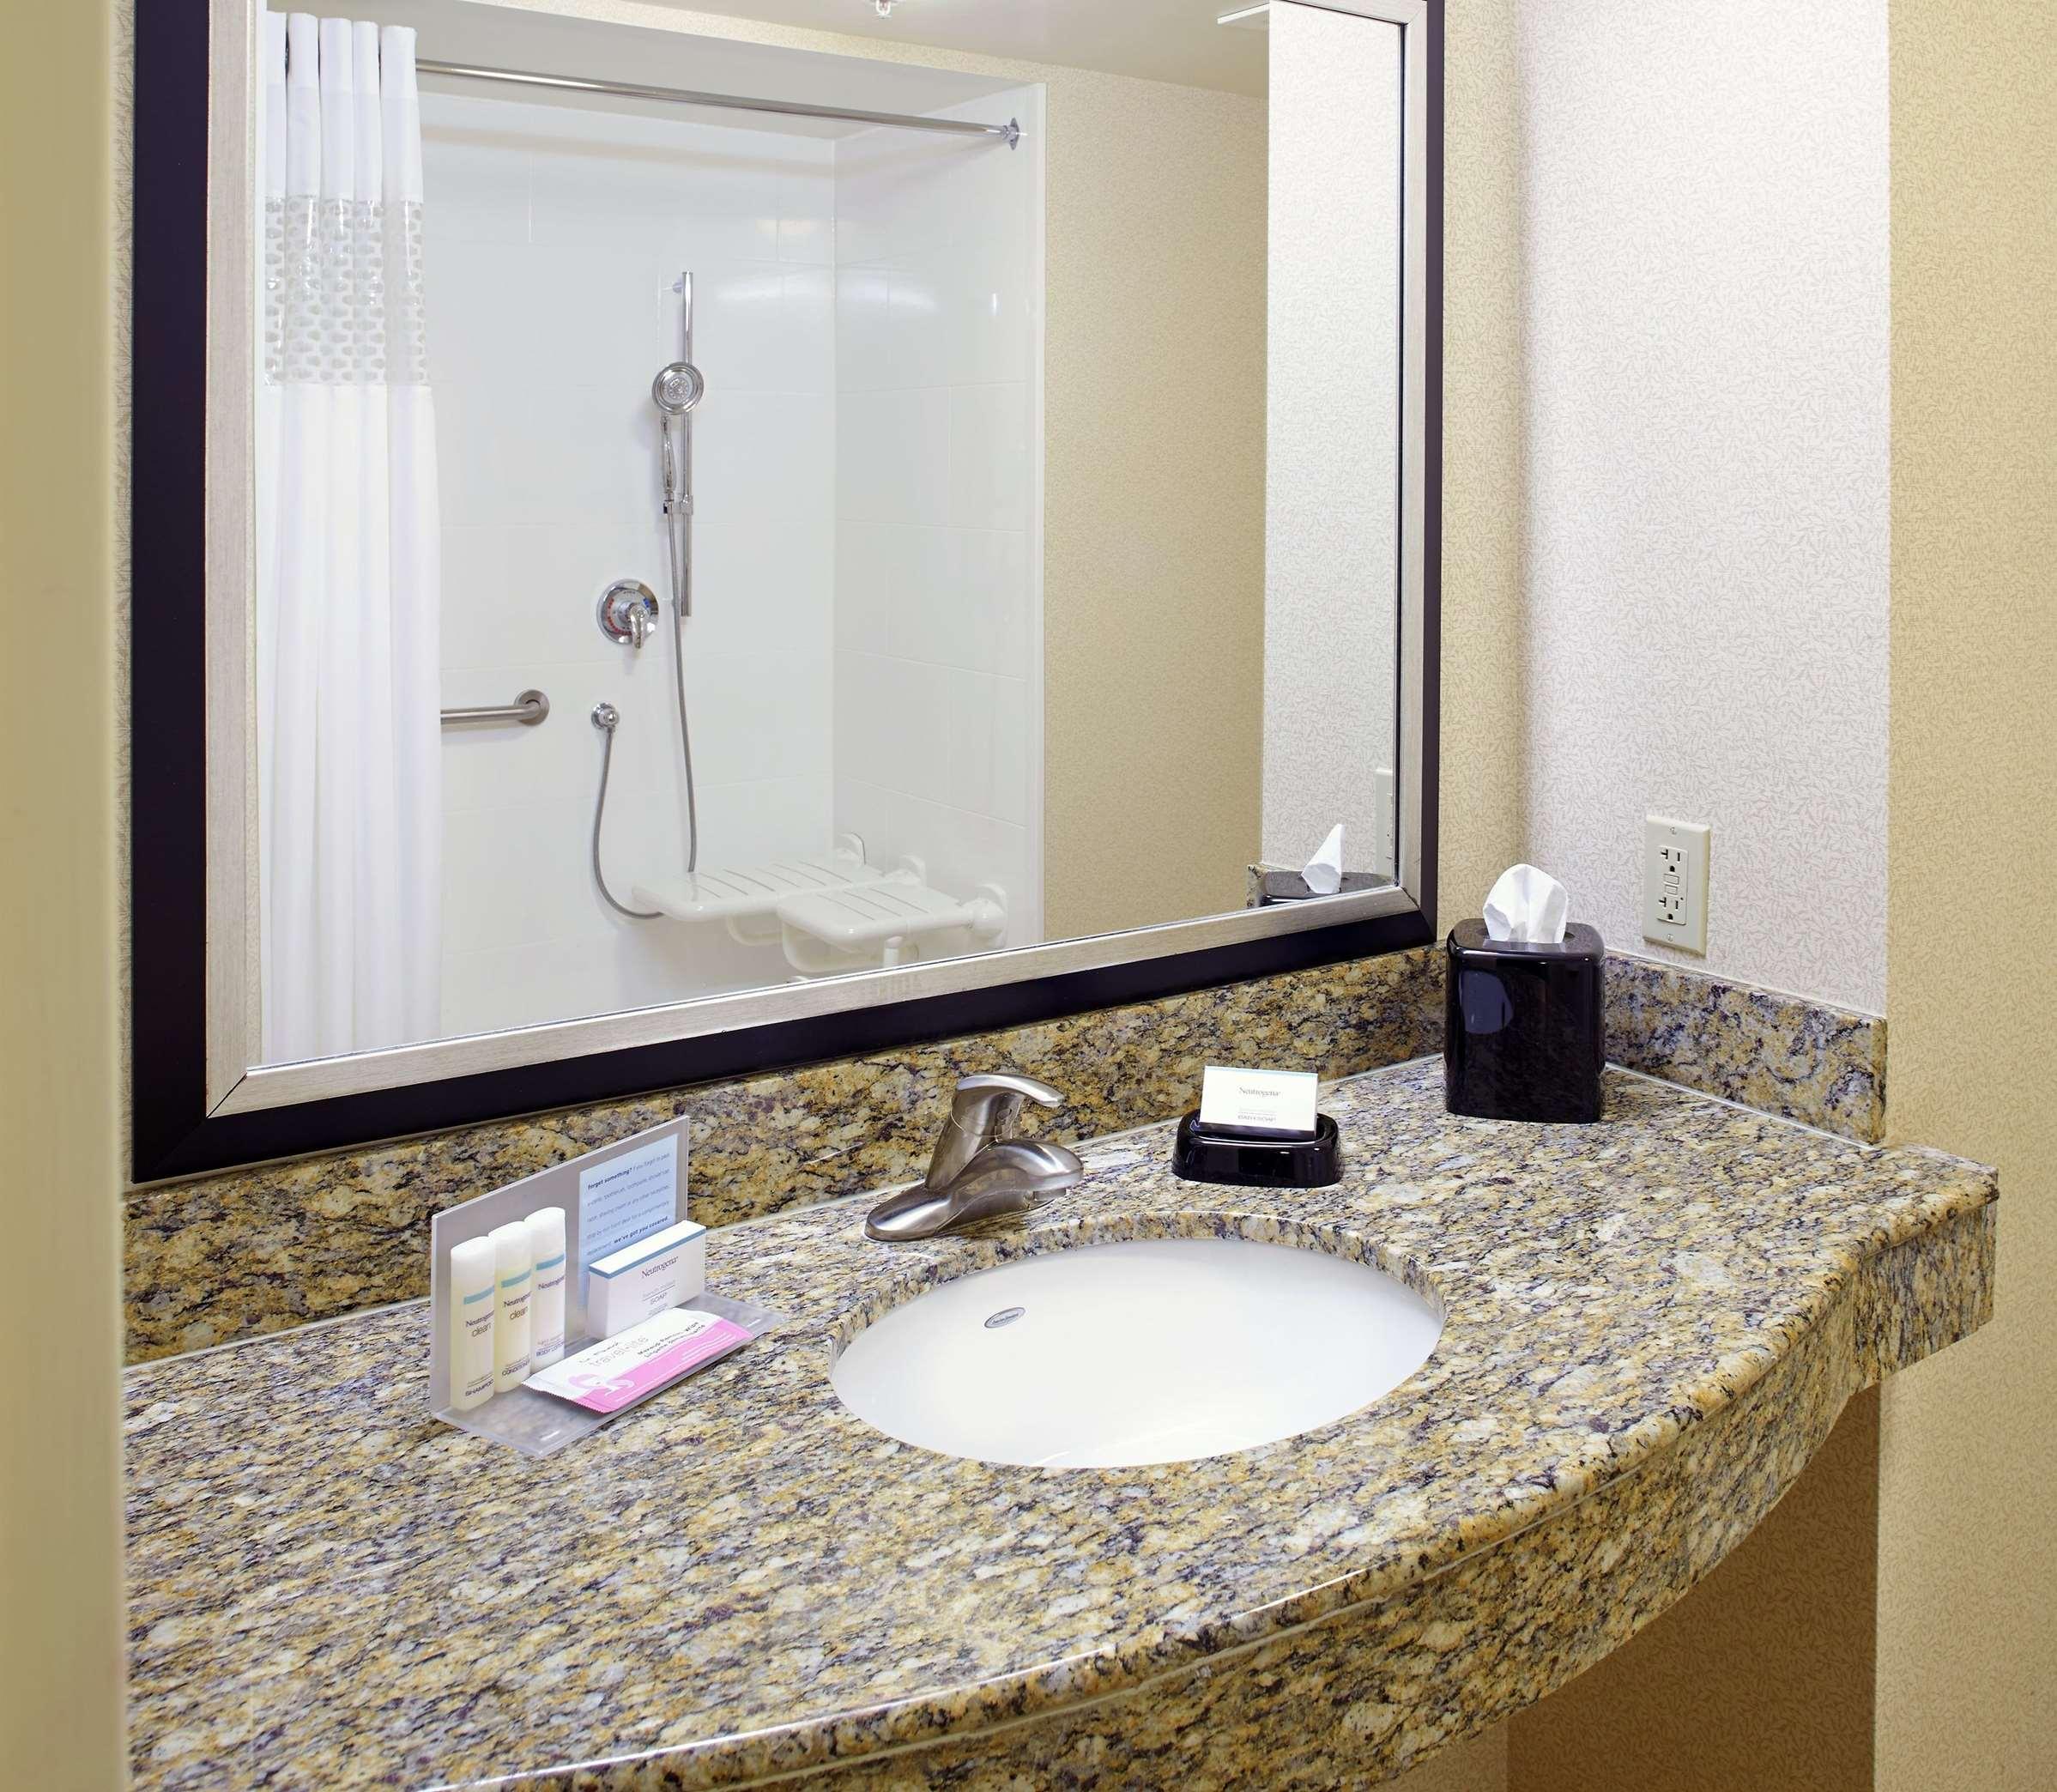 Hampton Inn & Suites Clearwater/St. Petersburg-Ulmerton Road, FL image 26